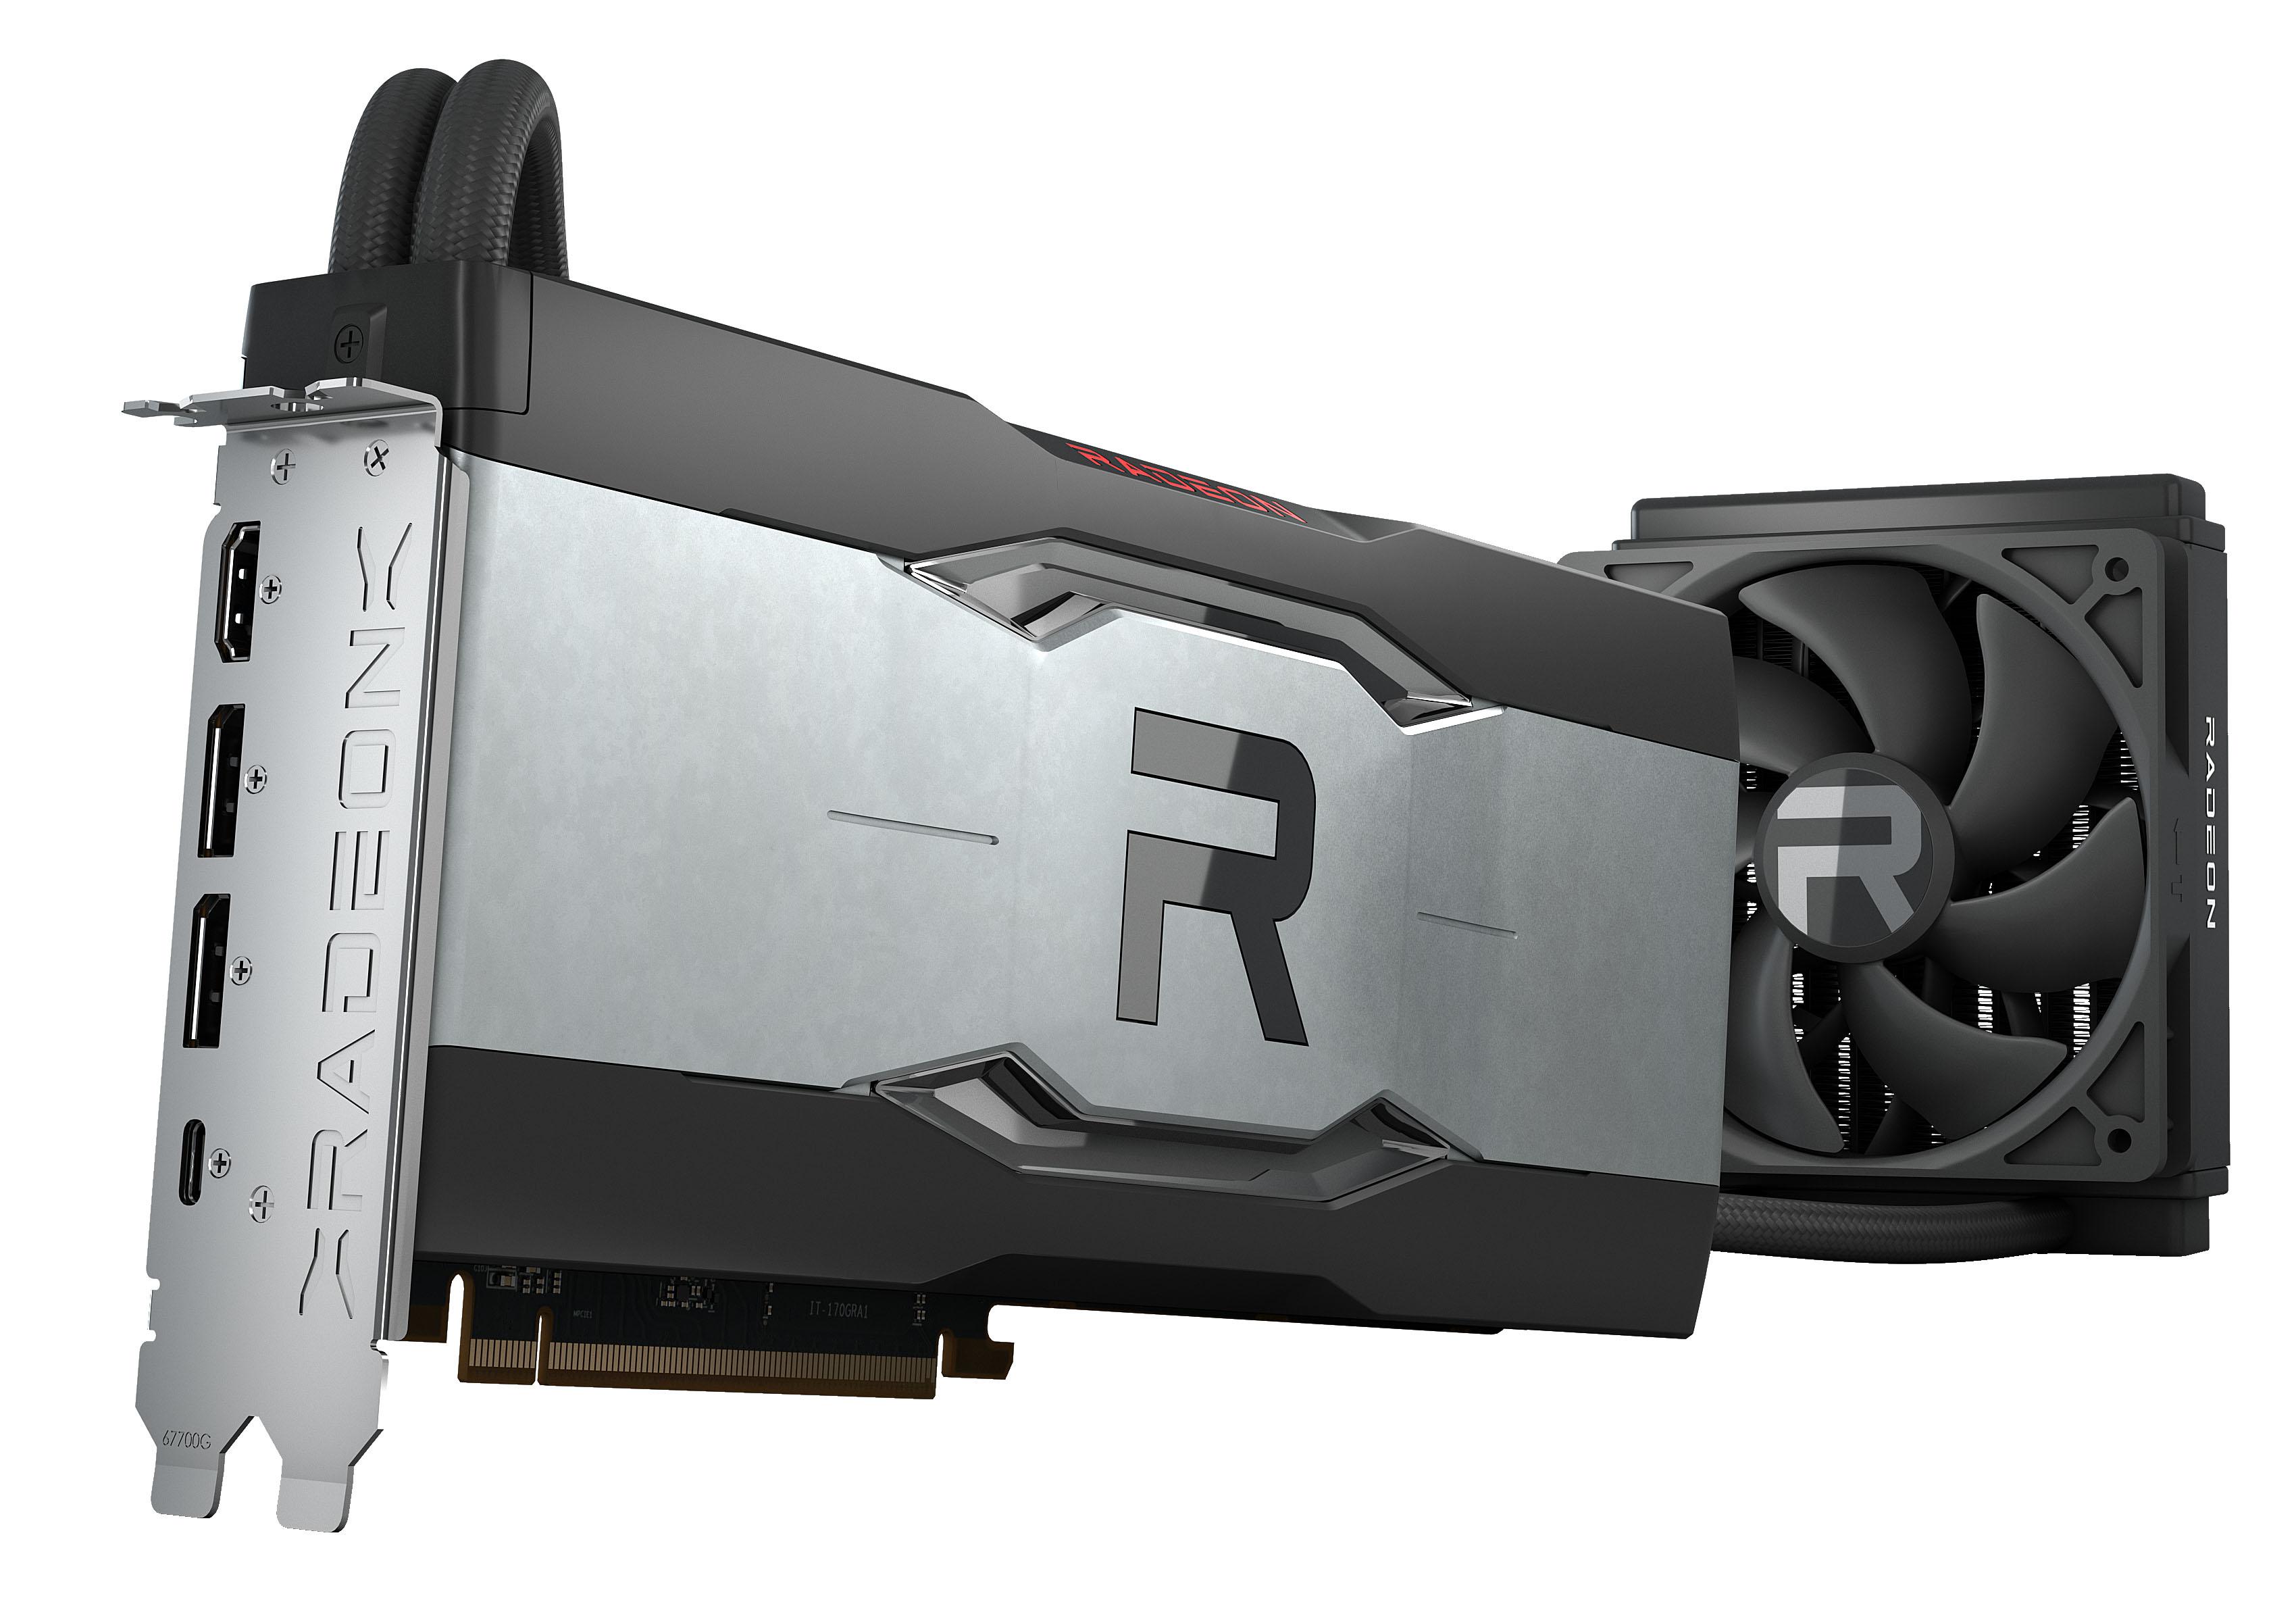 AMD trình làng Radeon RX 6900 XT Liquid Edition: tản nhiệt nước, cải thiện hiệu năng đáng kể